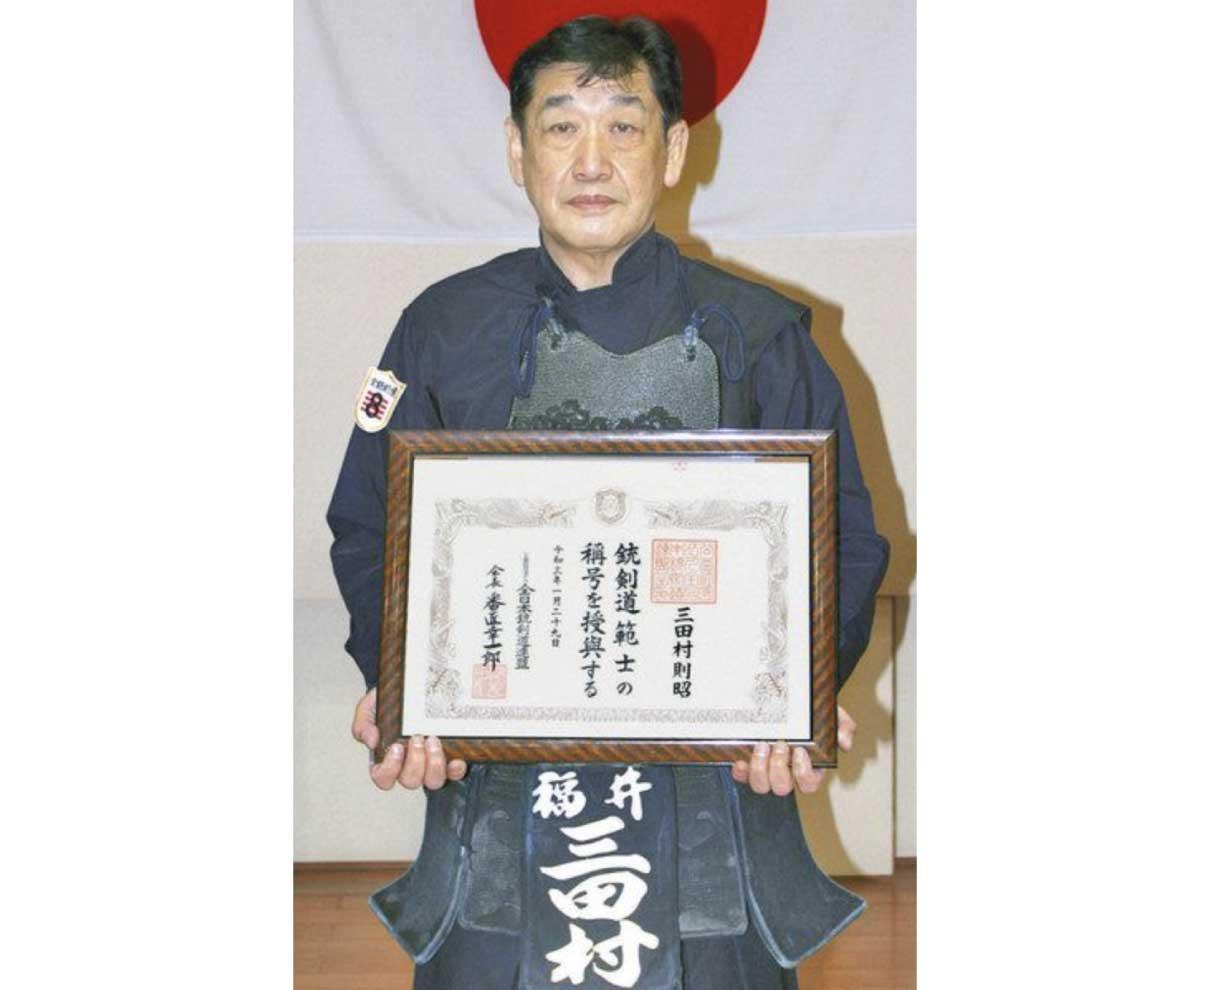 三田村さん(坂井)銃剣道範士に 全日本連盟最高位県内30年ぶり